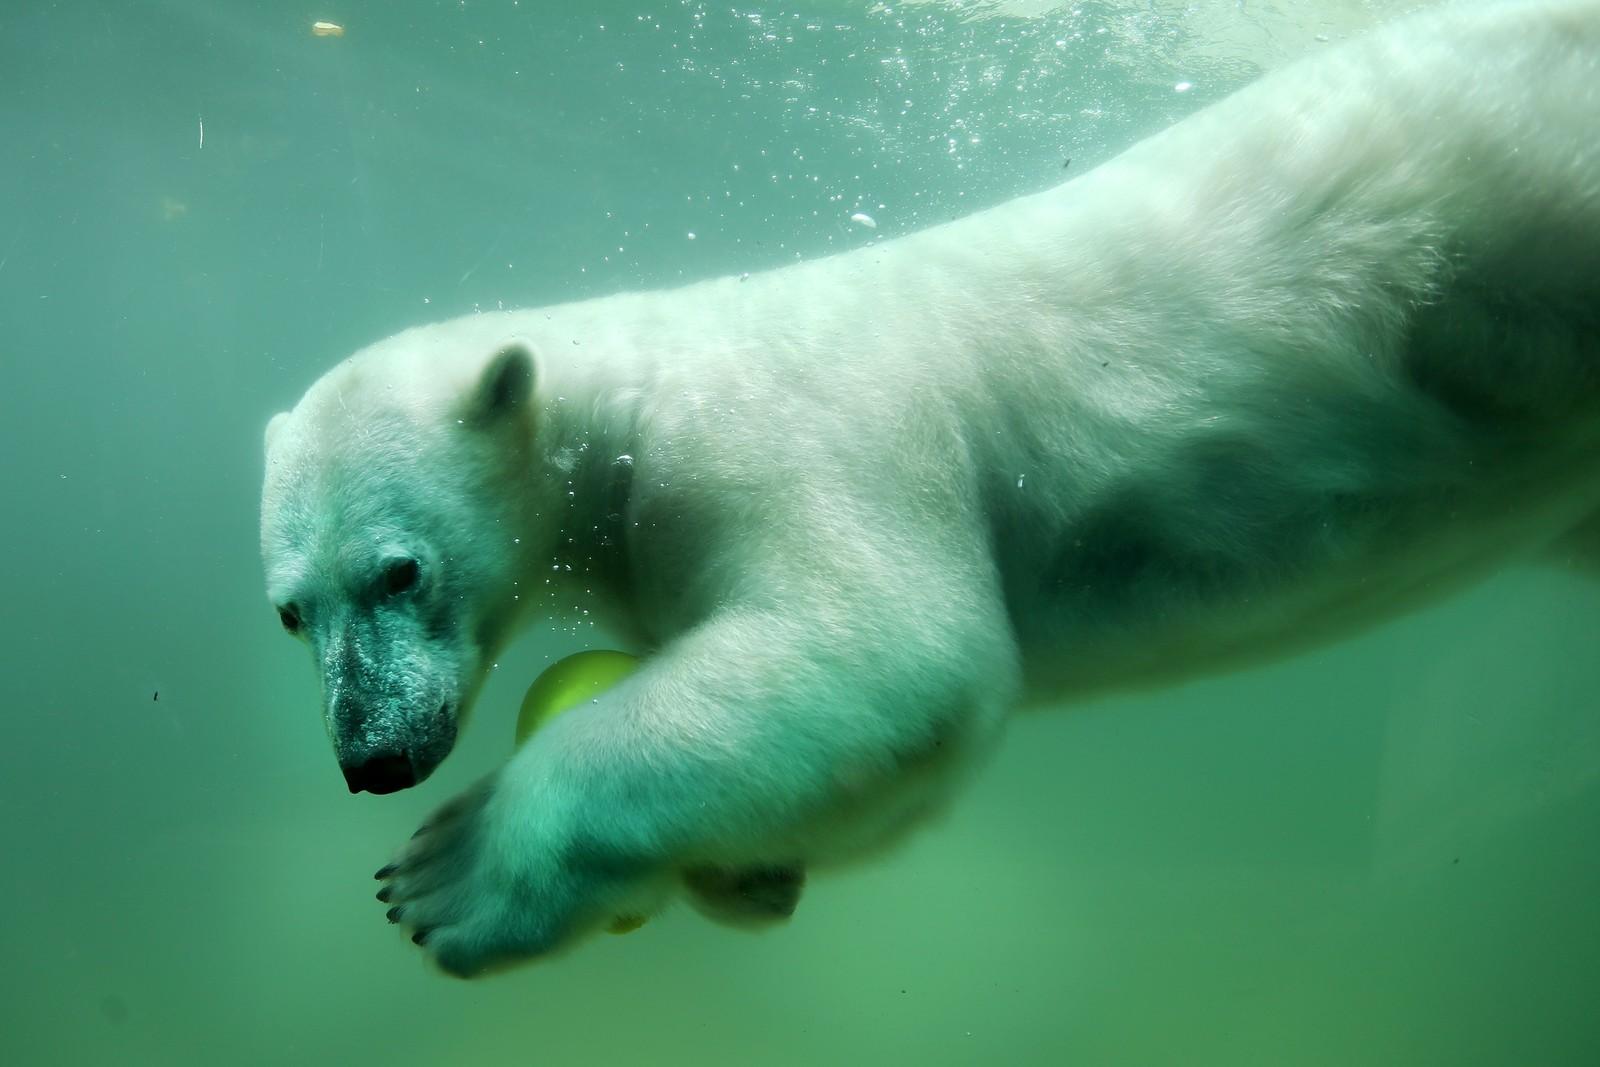 En isbjørn vokter sin ball foran et vindu i dyrehagen i tyske Wuppertal, der publikum kan observere dyret under vann.